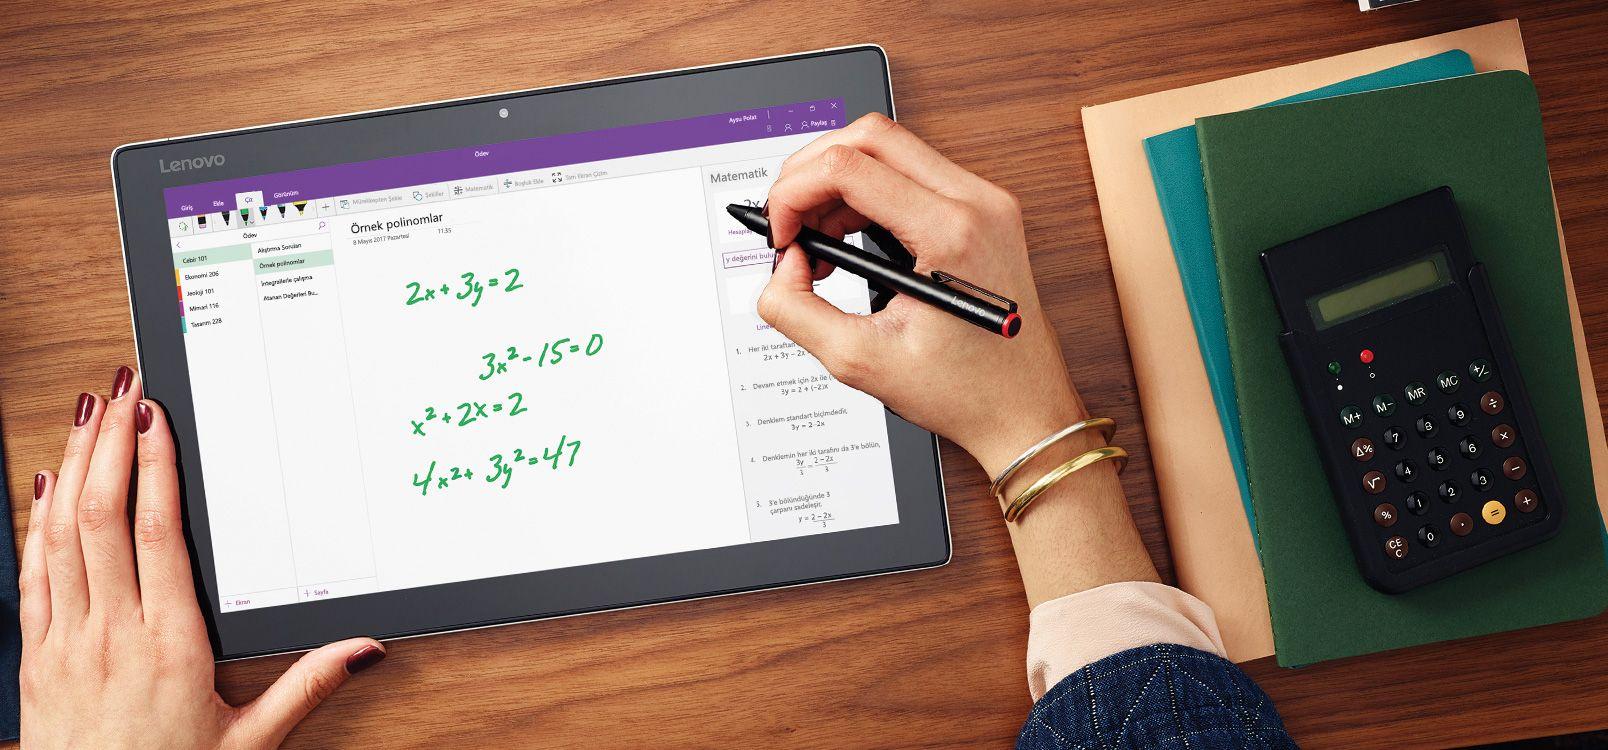 Mürekkep matematik yardımcısını kullanan OneNote'u gösteren tablet ekranı